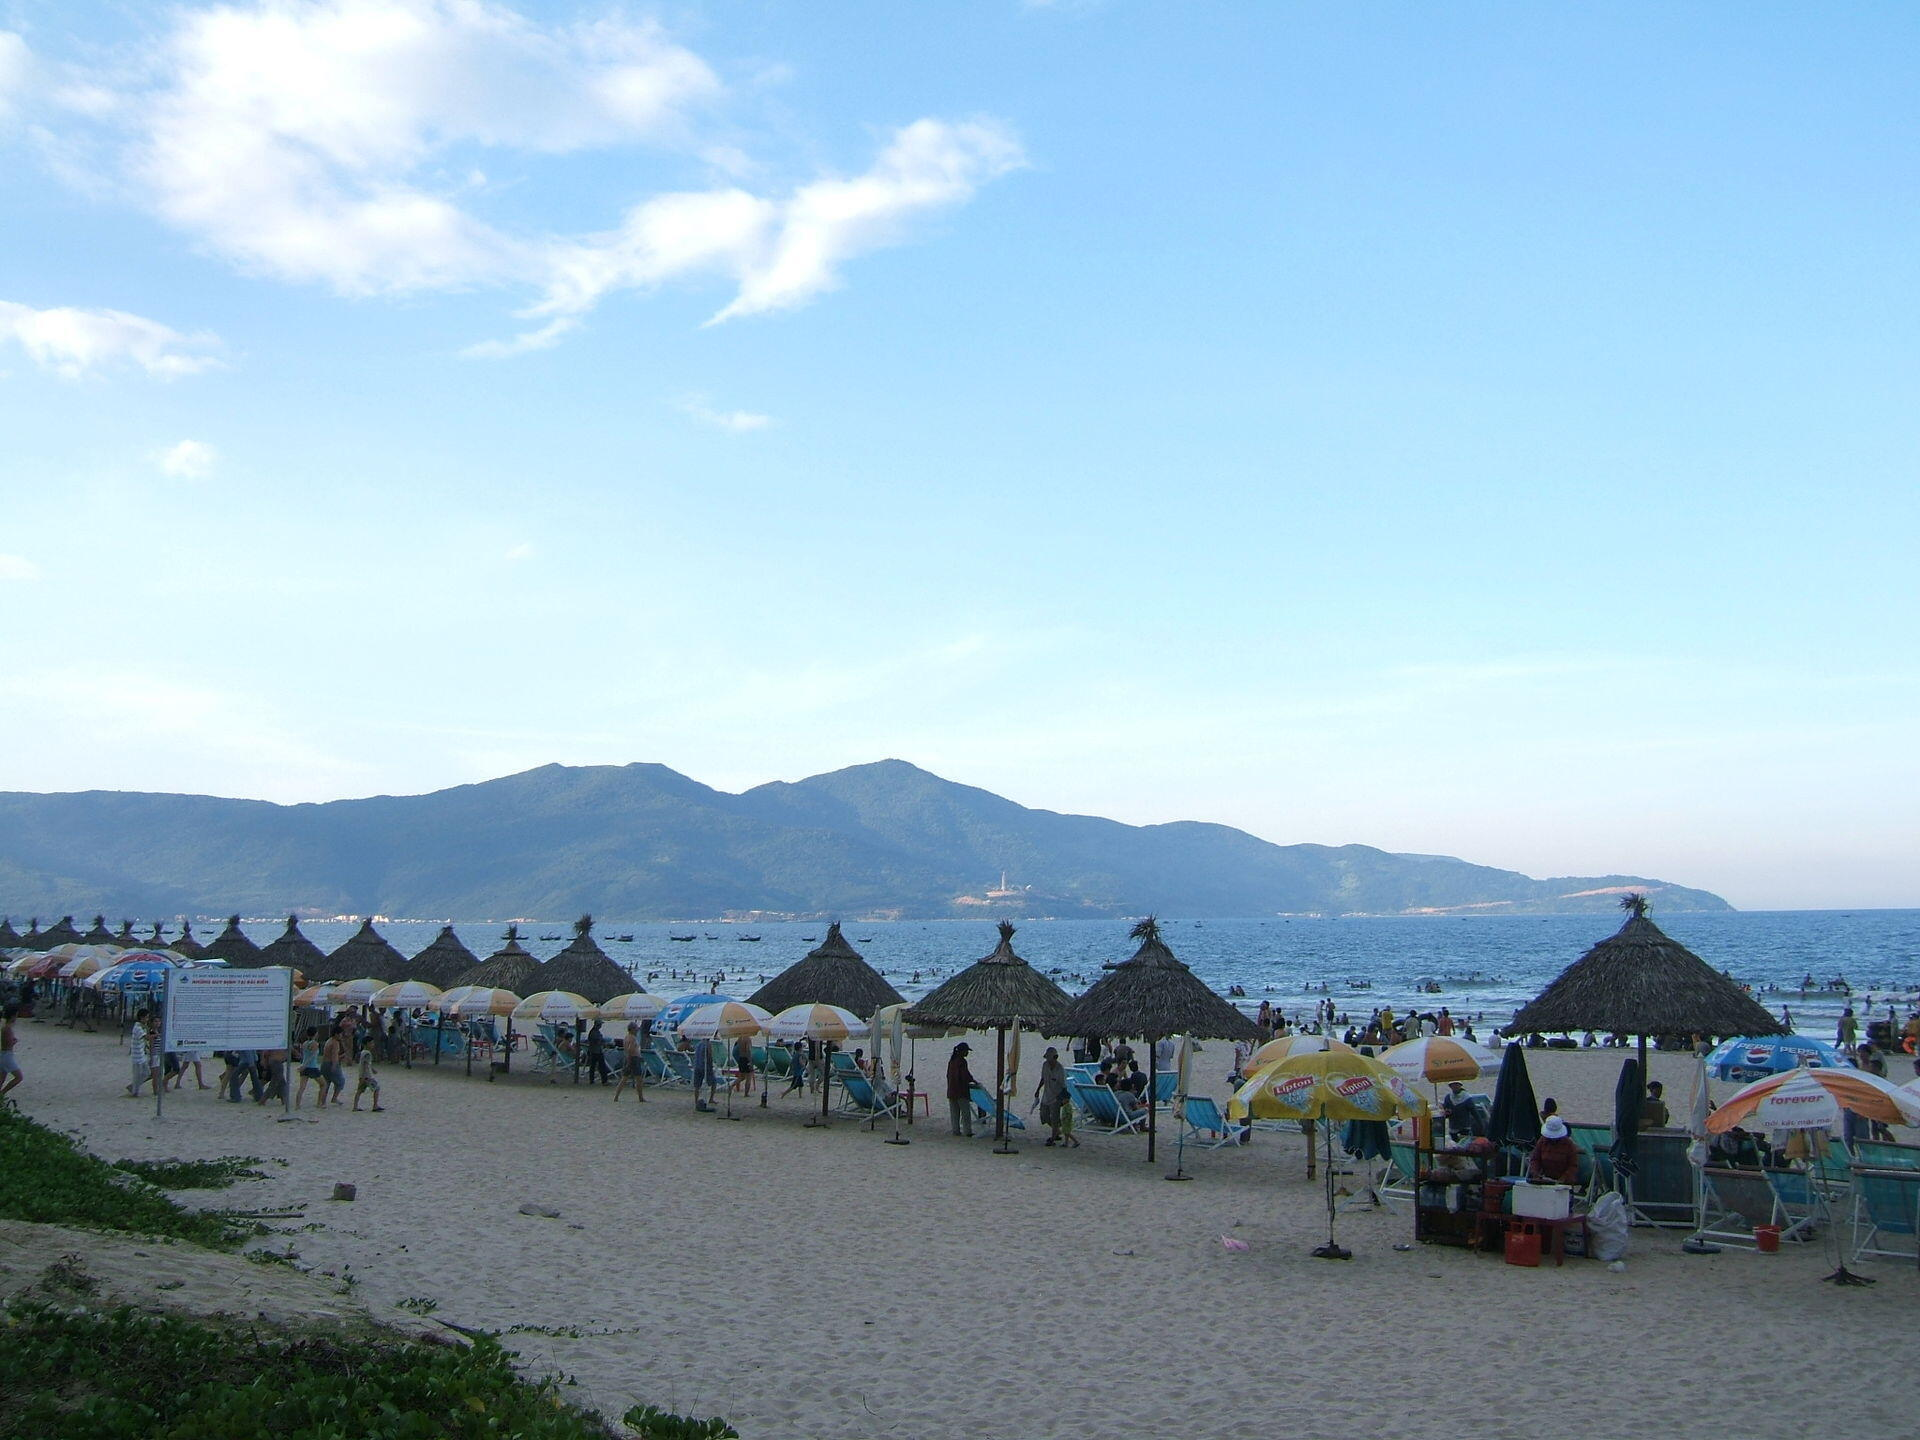 Bãi biển Mỹ Khê ở Đà Nẵng, một trong hai thành phố thu hút nhiều du khách nhất.